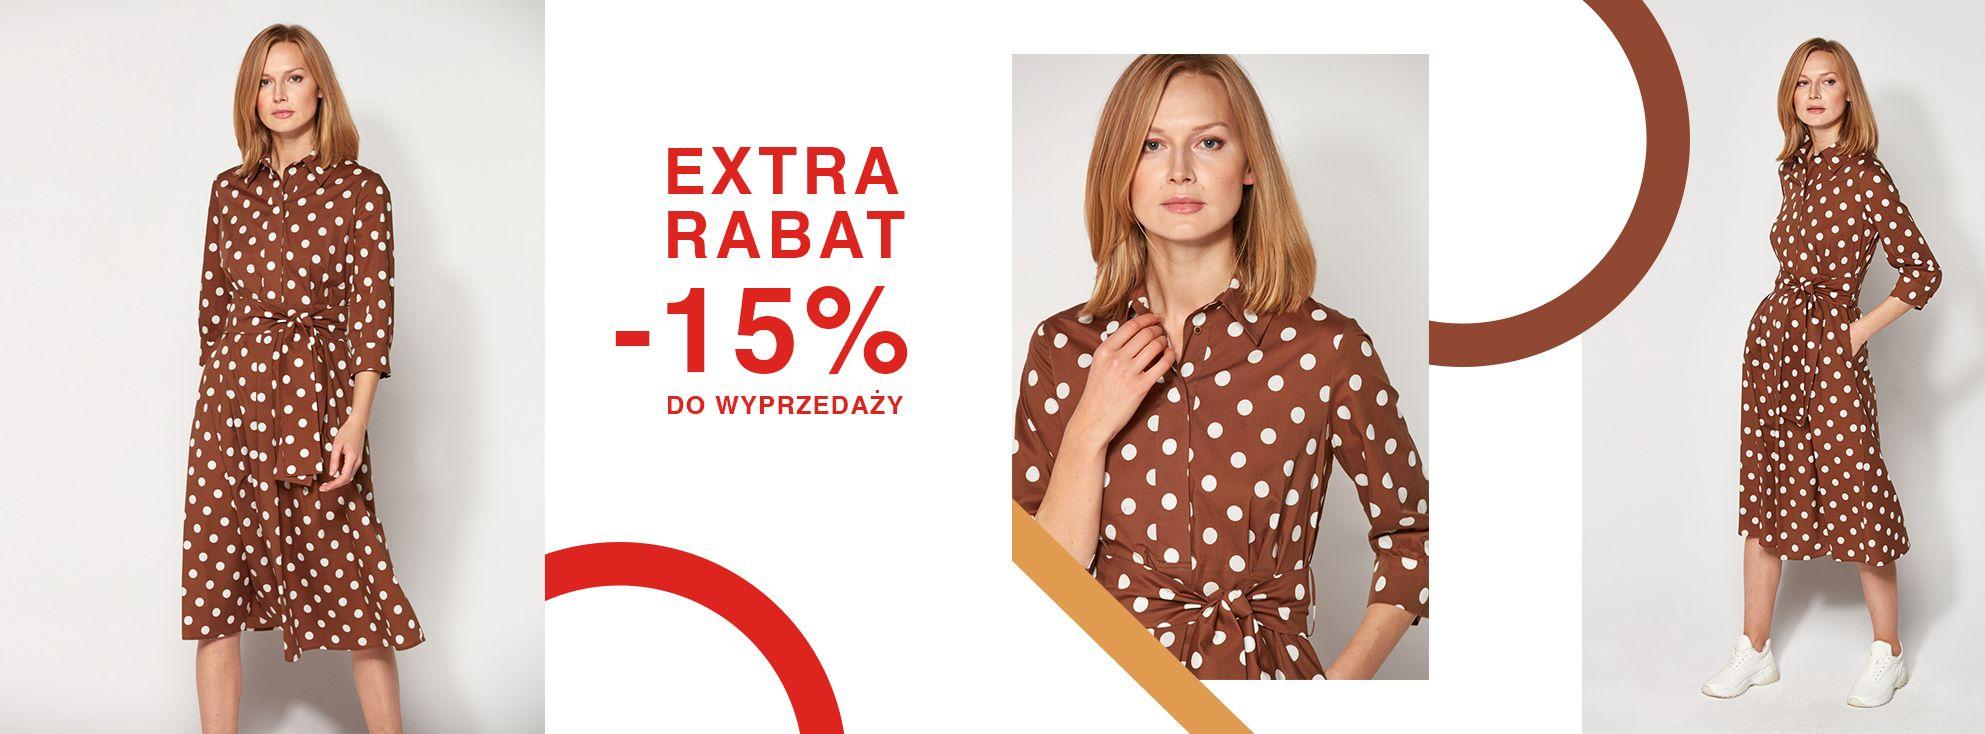 Patrizia Aryton: dodatkowe 15% rabatu na odzież damską z wyprzedaży